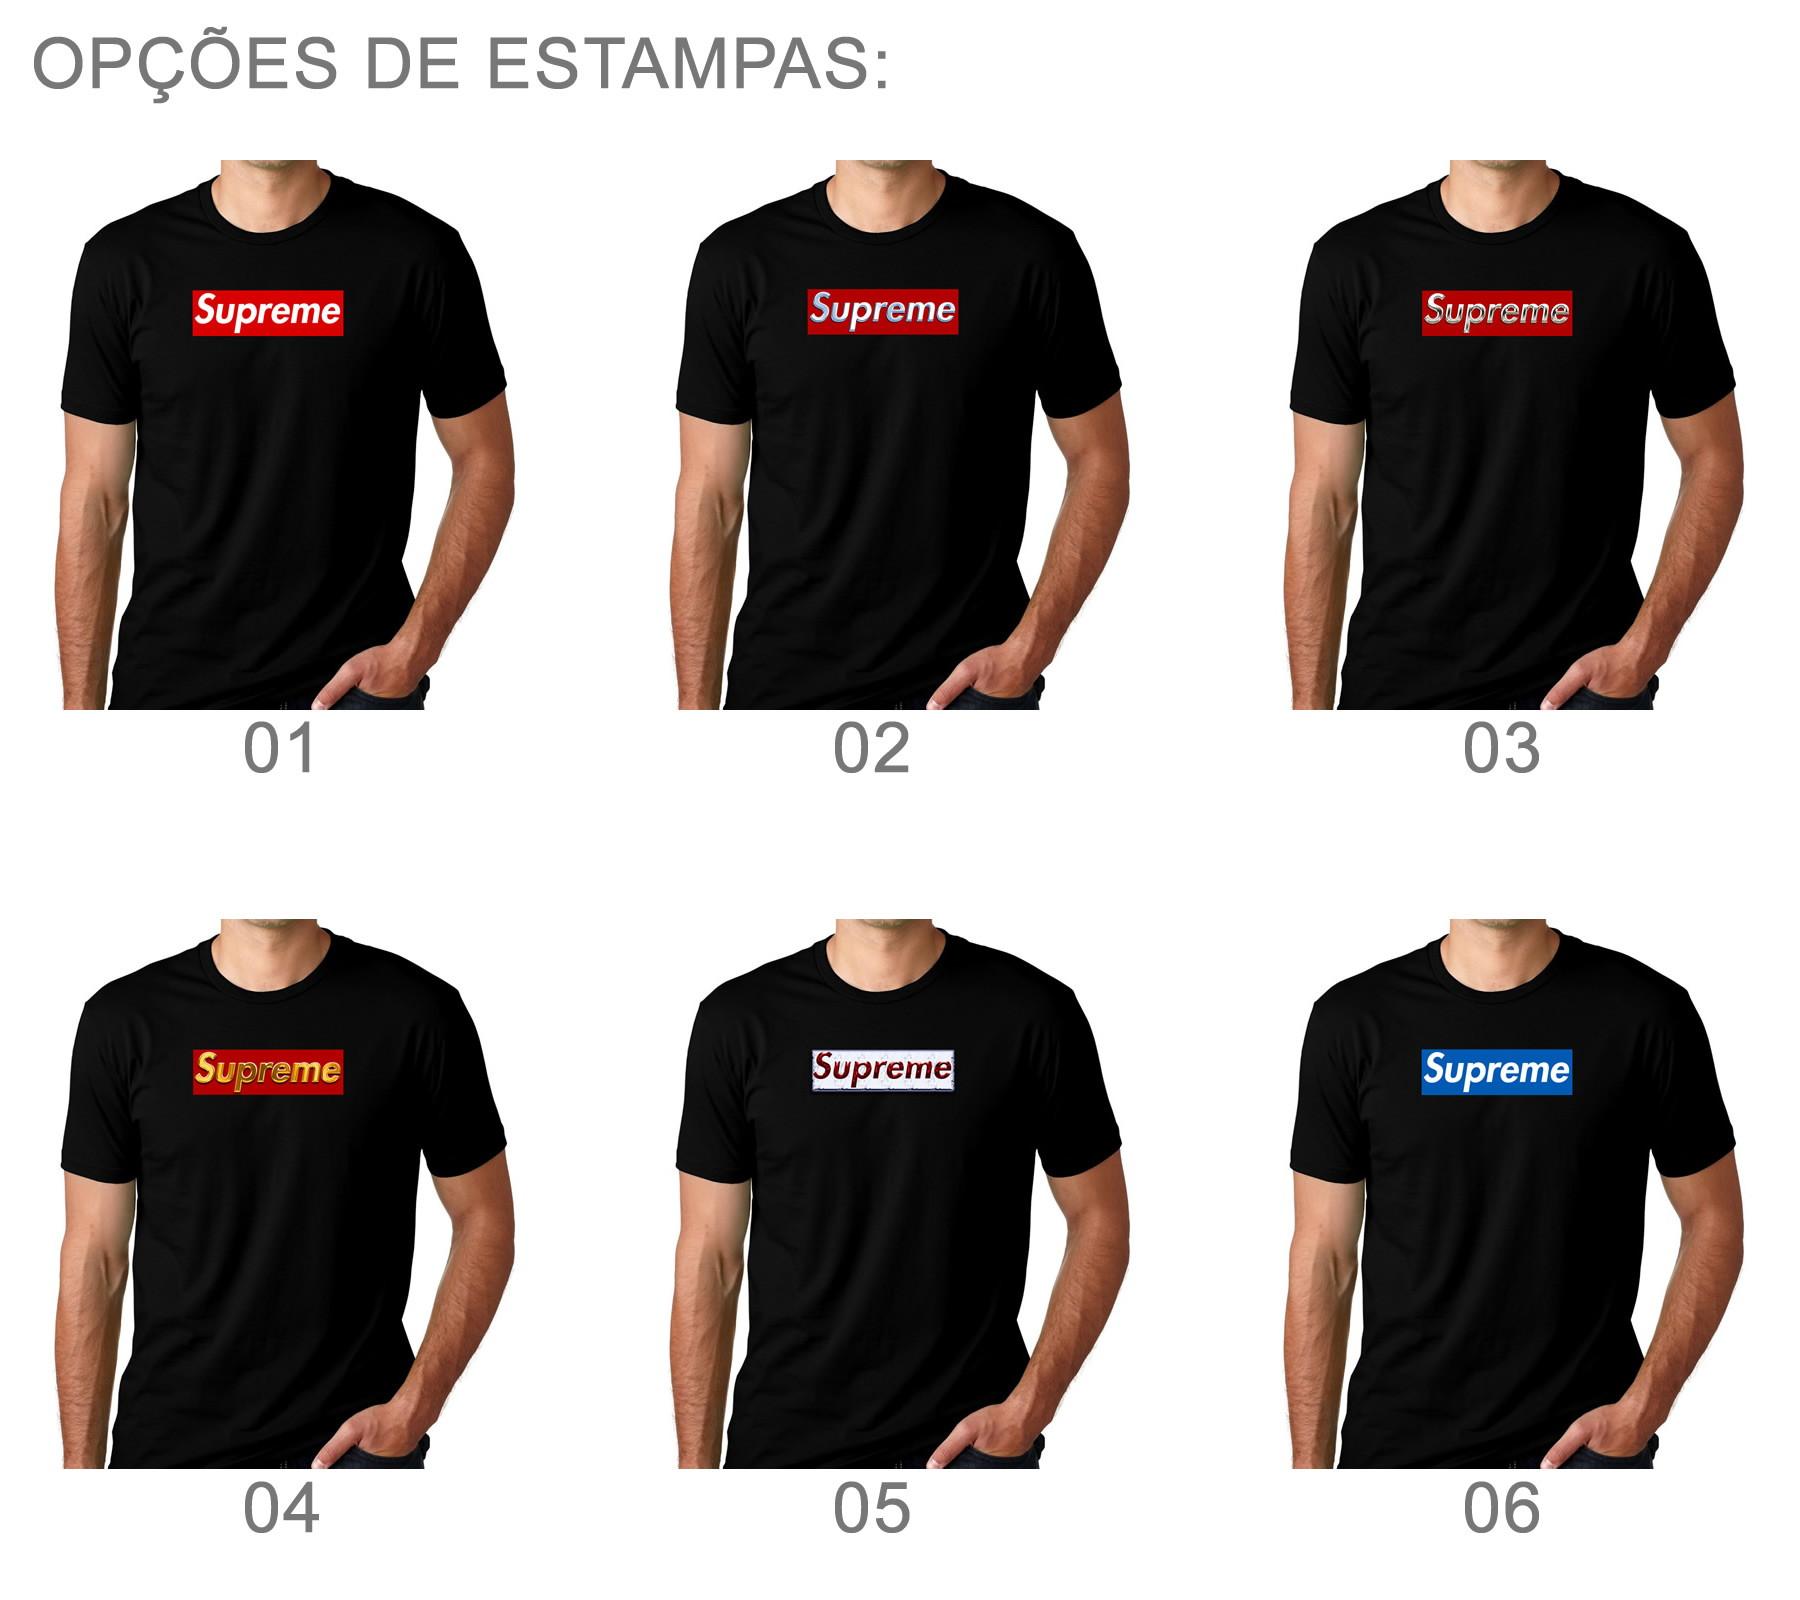 ab97ee9a6a9 Camiseta Camisa Preta Supreme Estampa Anti-trincagem 04 no Elo7 ...